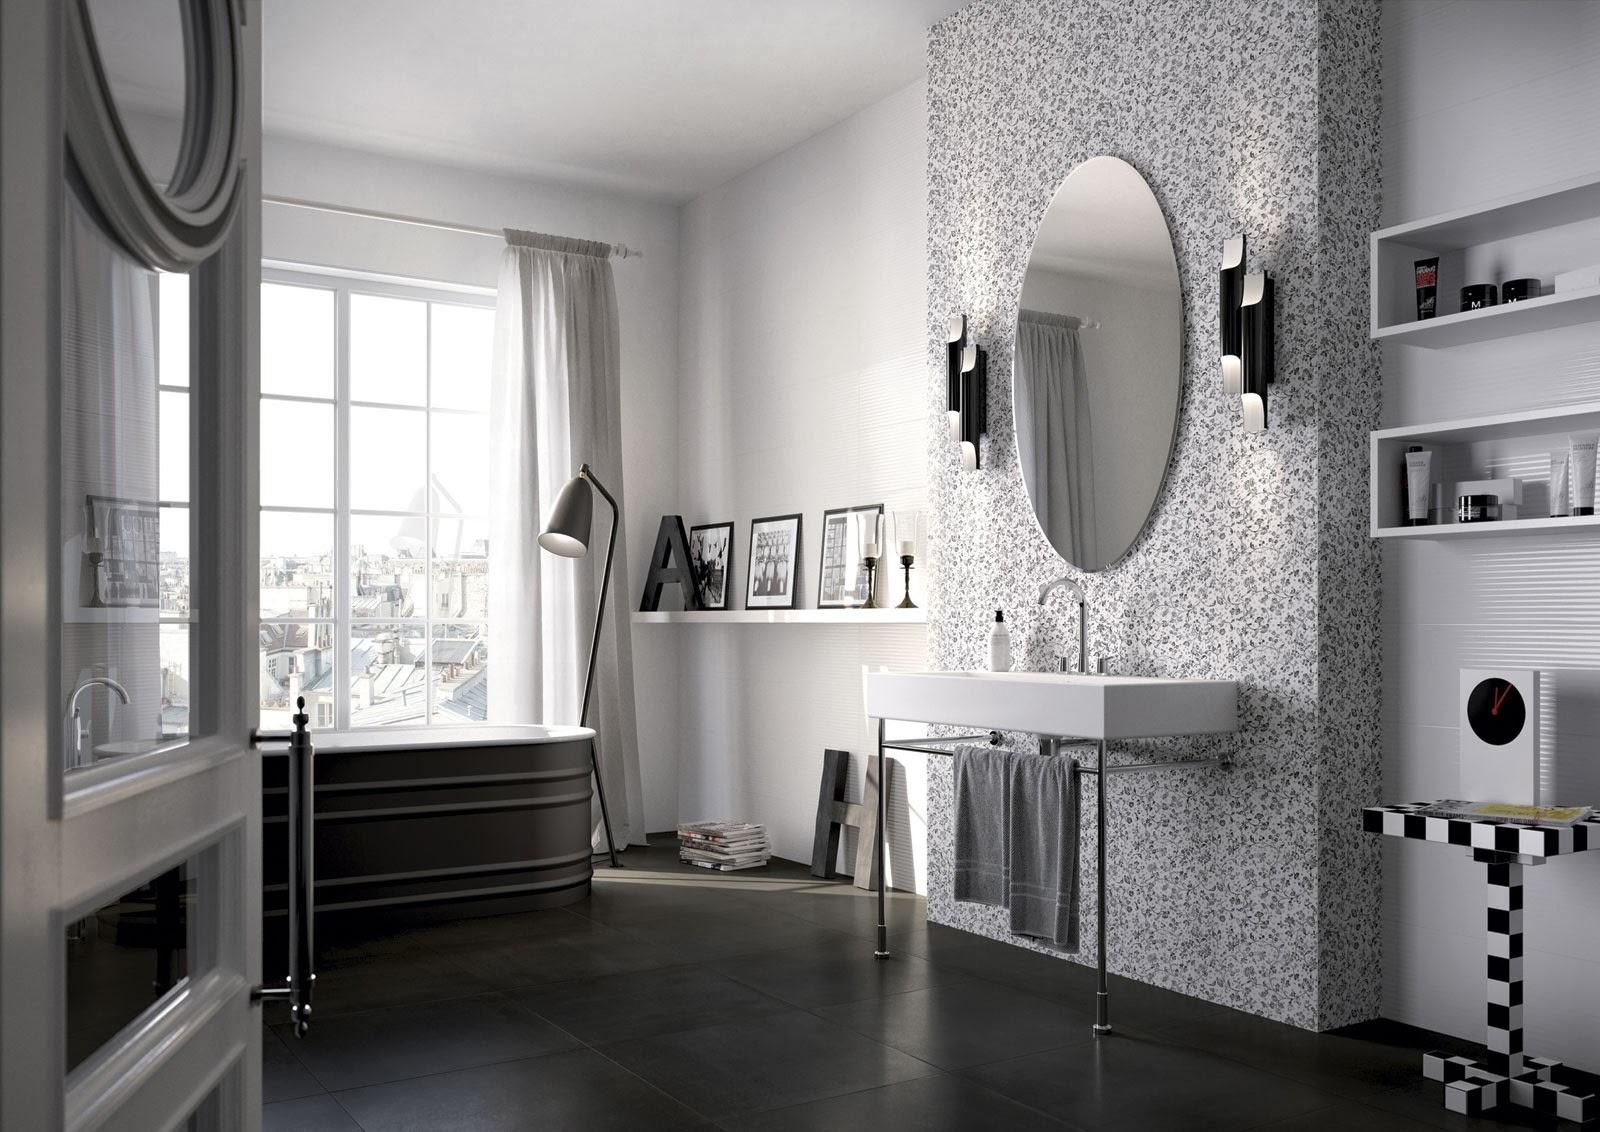 Home garden les salles de bains aubade for Aubade france salle de bain